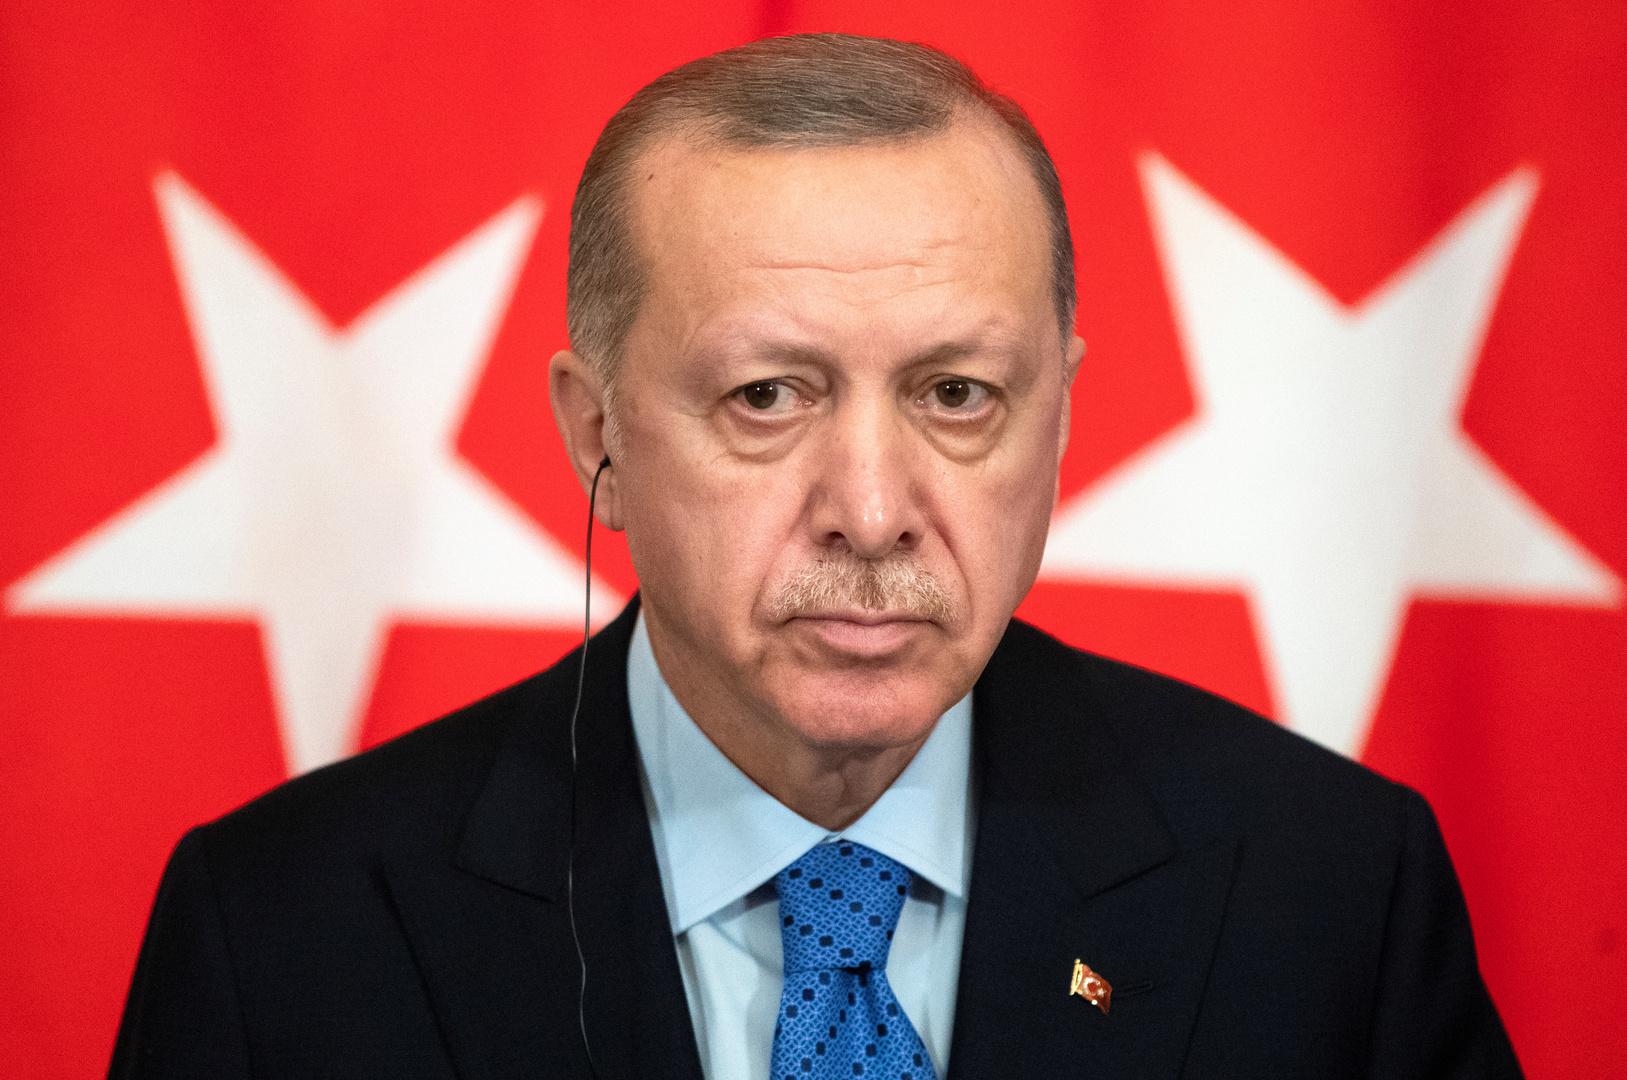 أردوغان: خطوات مصر في ليبيا غير شرعية والإمارات تقوم بأعمال قرصنة